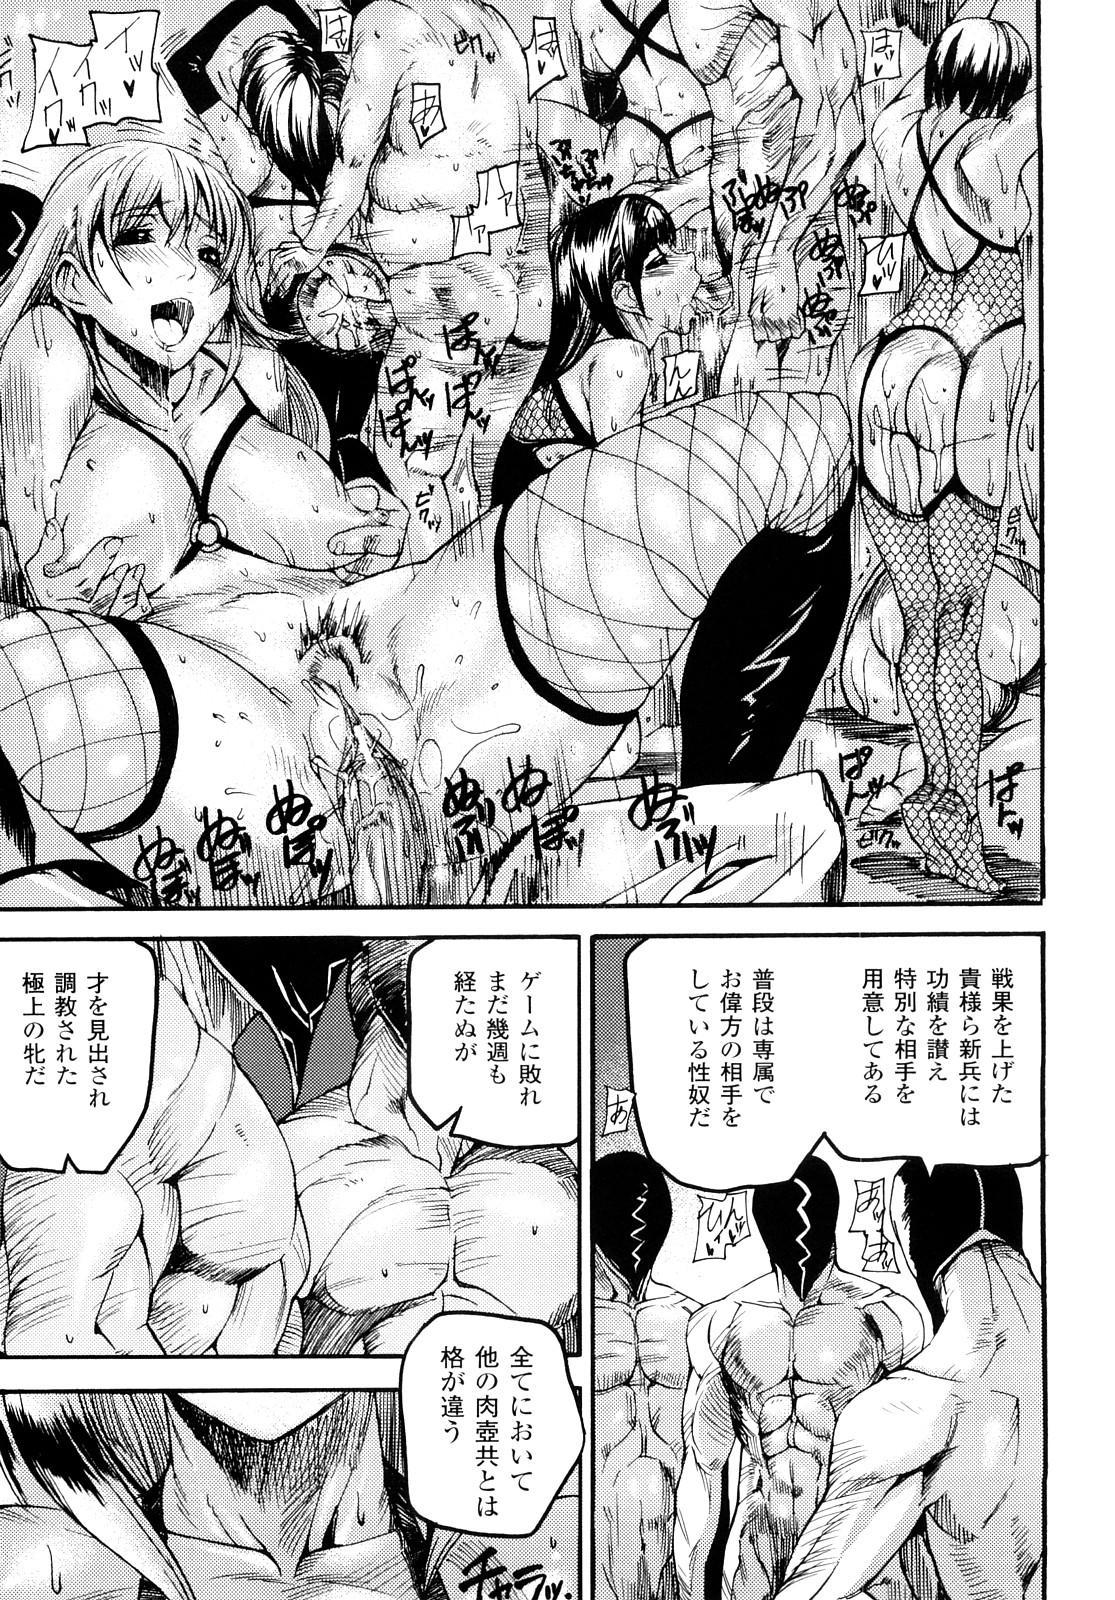 Cerberum no Hitsugi Haitoku no Hanmegami - The Coffin of Cerebrum Immoral Demivenus 49